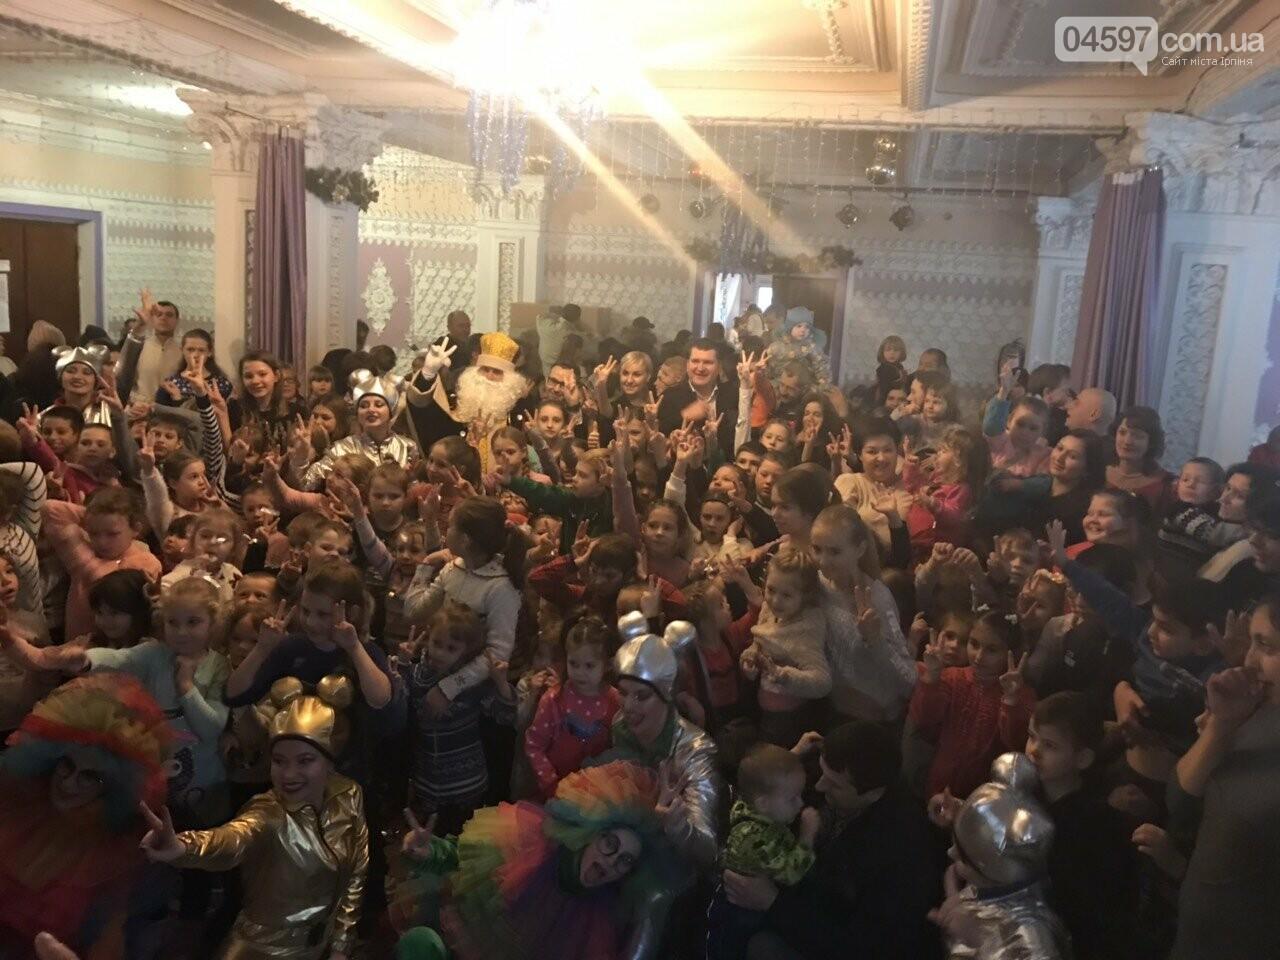 У Центральному будинку культури відсвяткували День Святого Миколая, фото-6